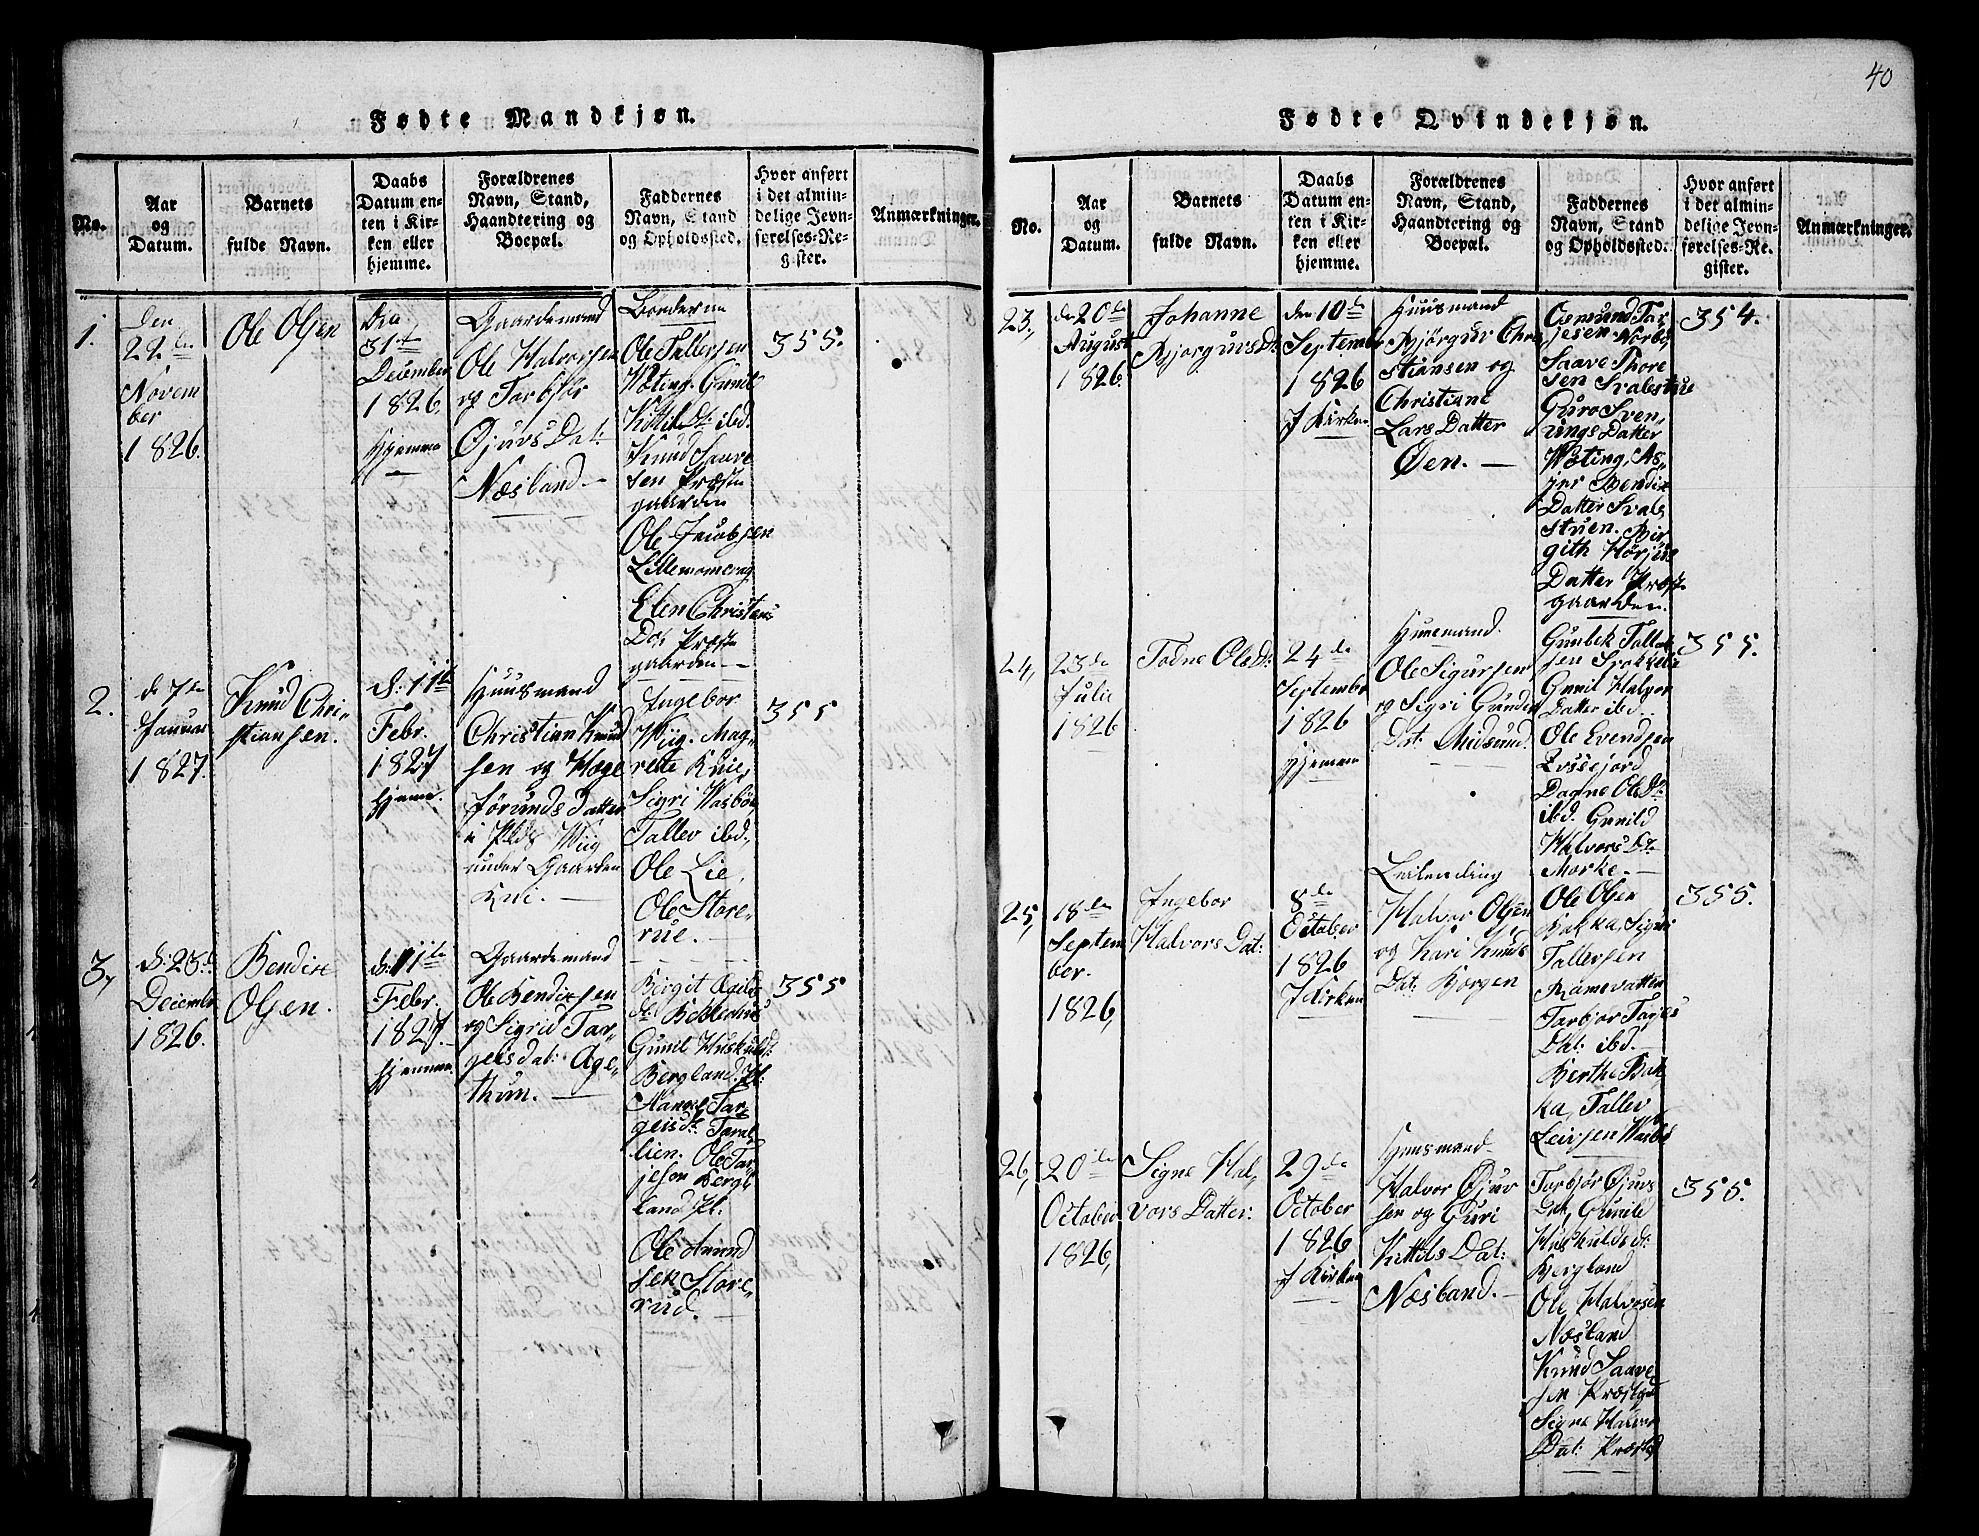 SAKO, Fyresdal kirkebøker, G/Ga/L0001: Klokkerbok nr. I 1, 1816-1840, s. 40